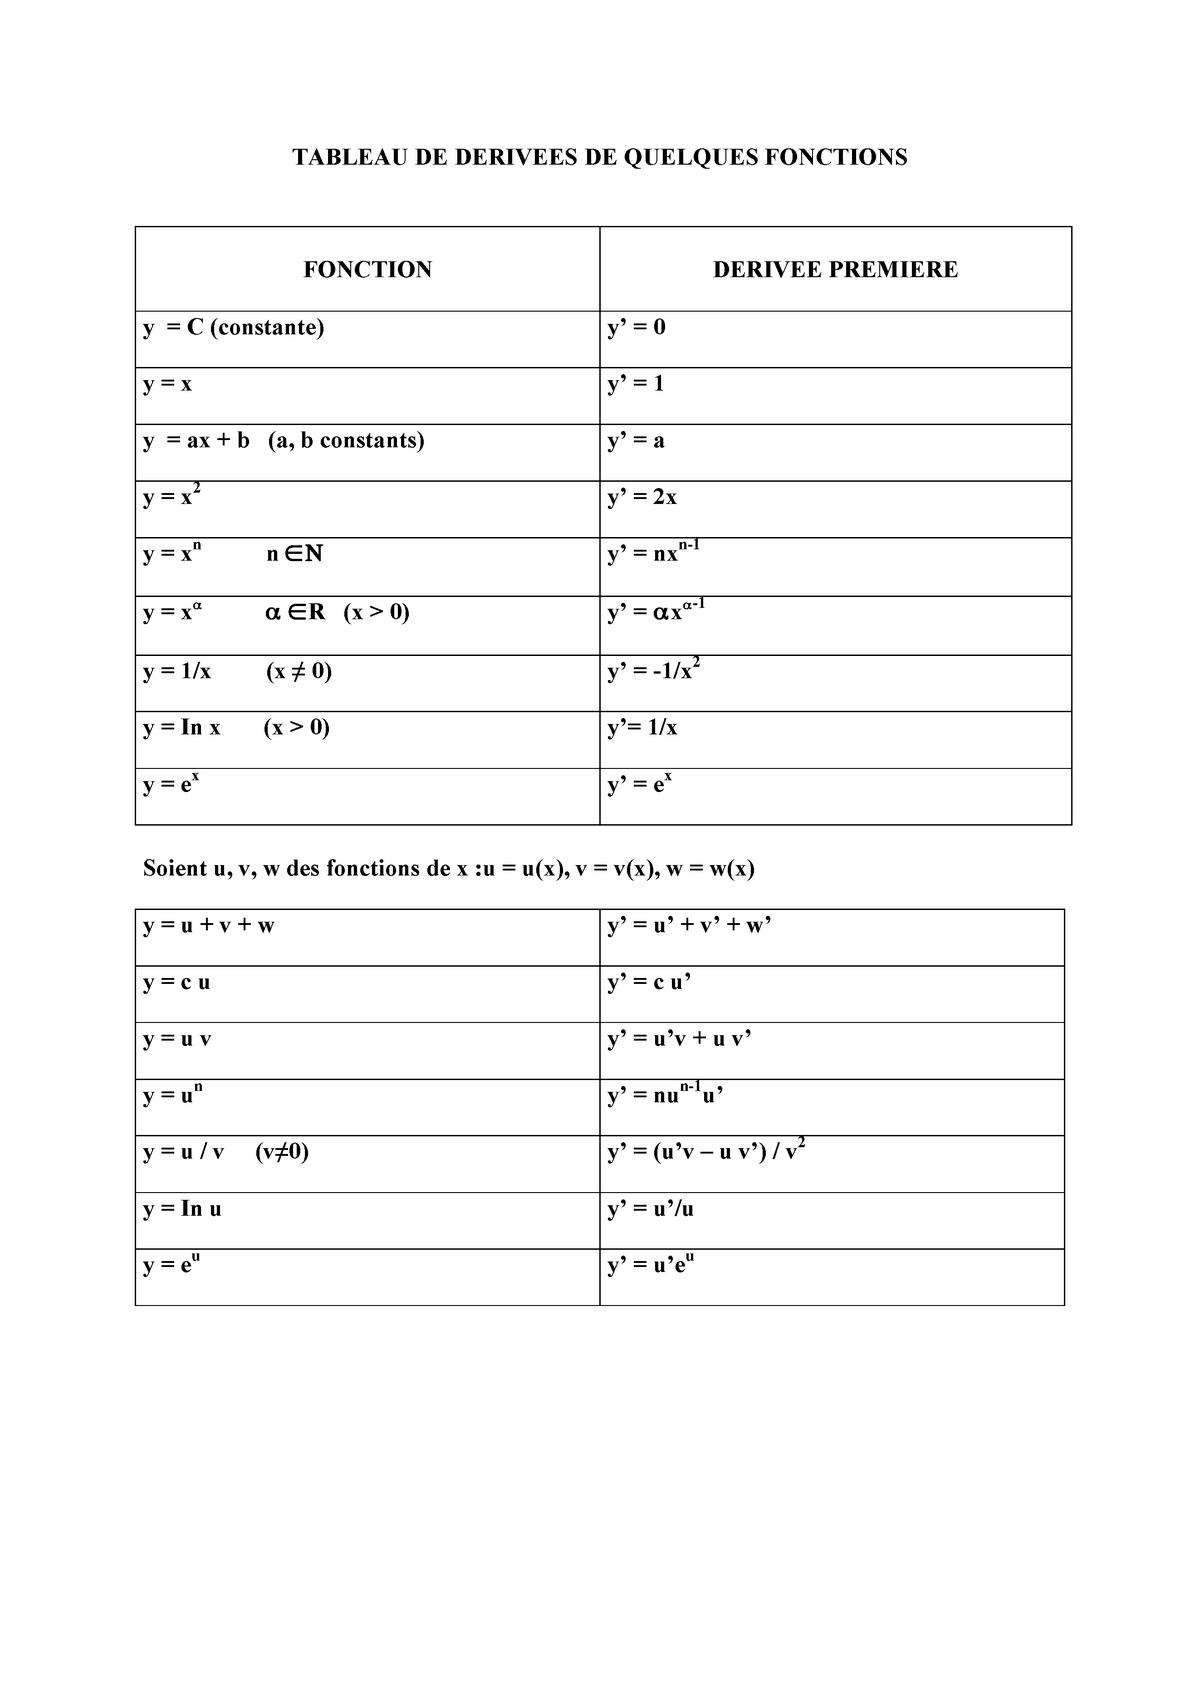 L1 AES - S1 - Mathématiques - Résumé - Tableau de dérivées - StuDocu